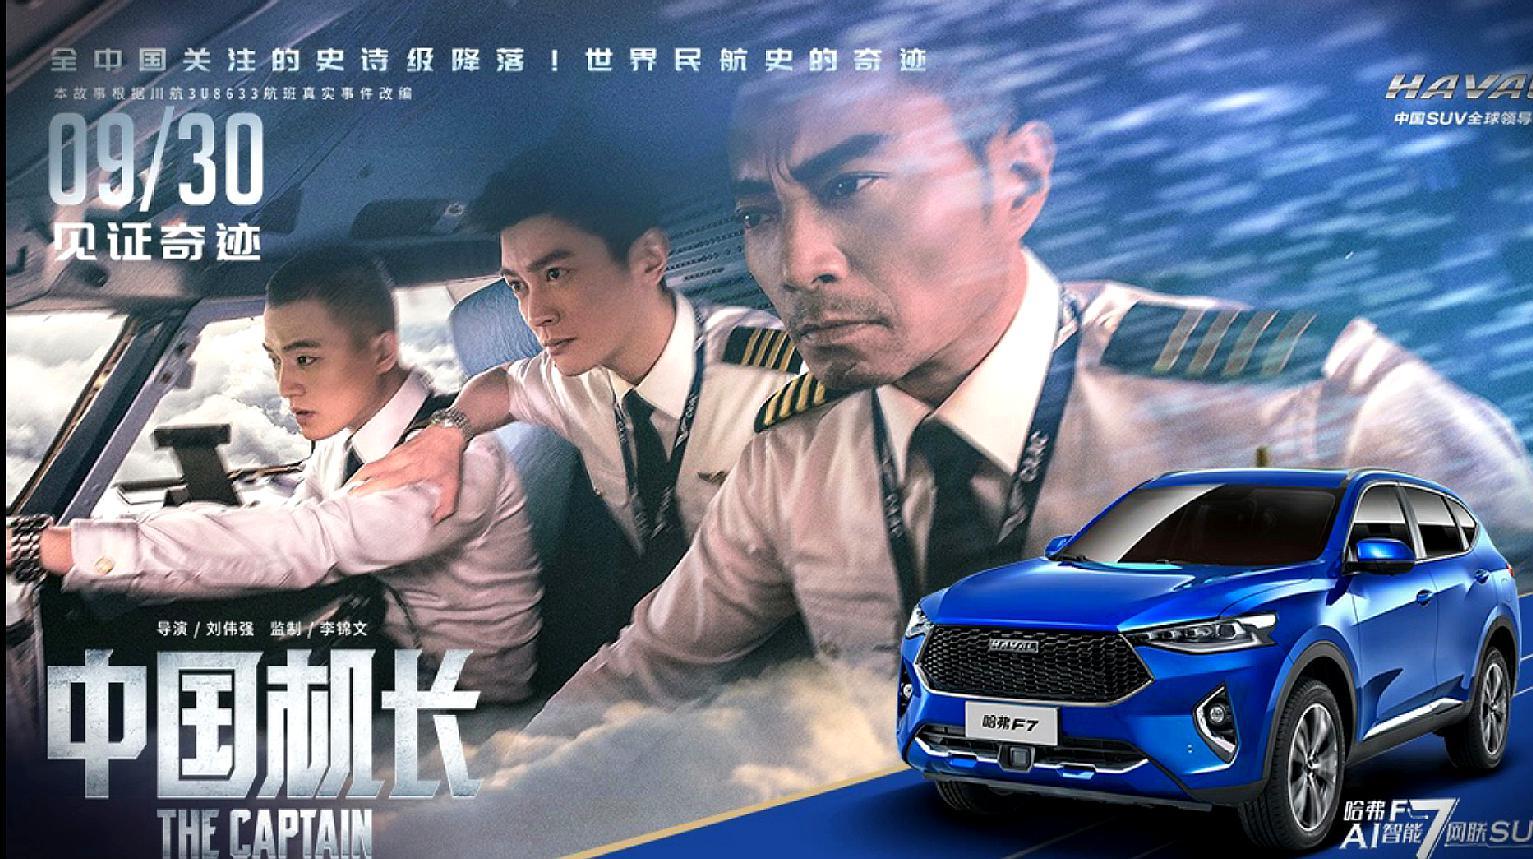 哈弗F7致敬中国英雄《中国机长》已破15亿 等您一起见证奇迹